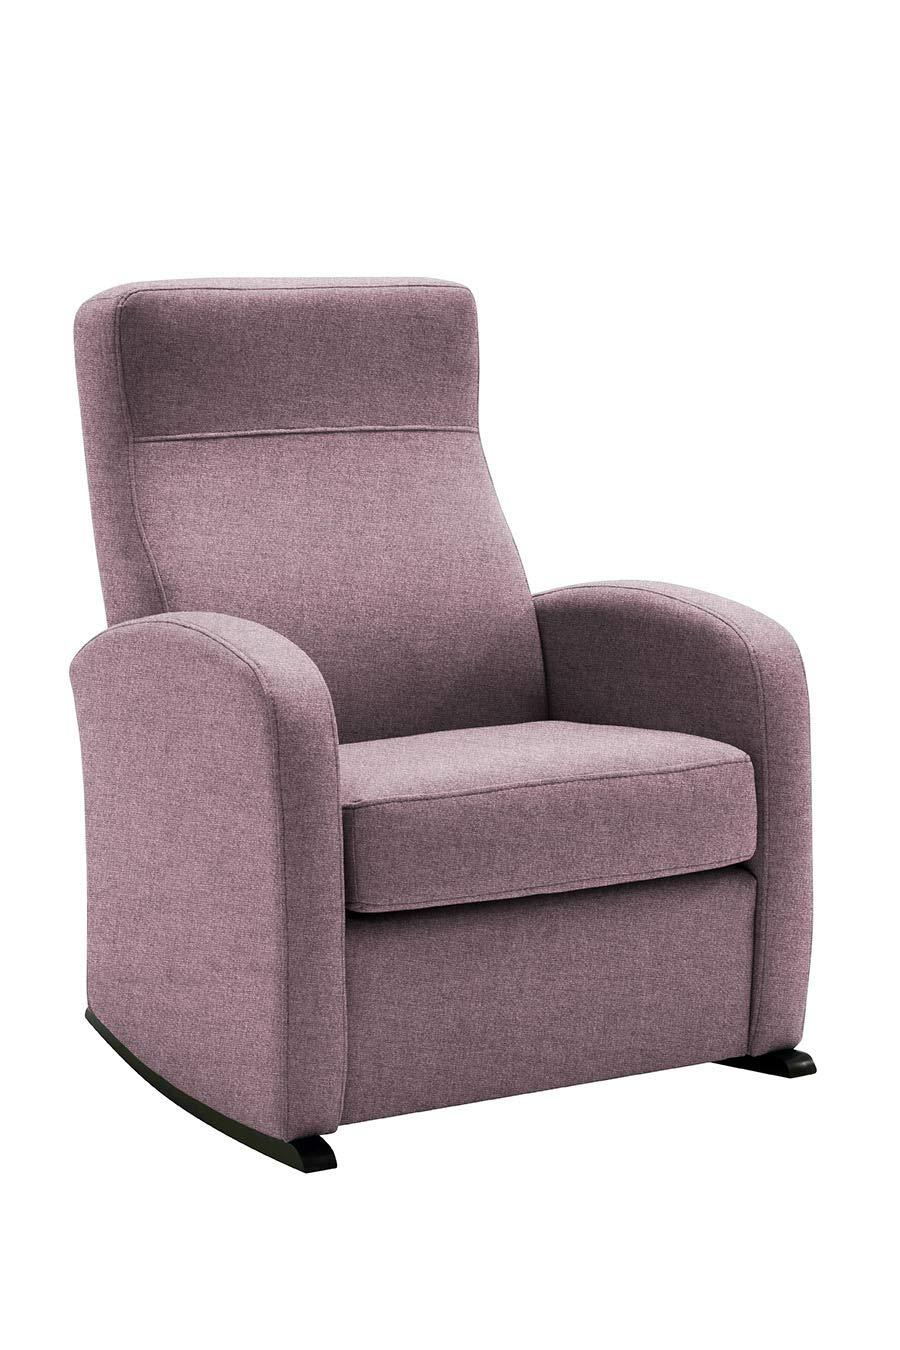 HOGAR TAPIZADO Butaca sillón Balancín Bob (Ideal para Lactancia) Tapizado en Microfibra Water Repellent Medidas: 74 x 72 x 100 (Fuxia)